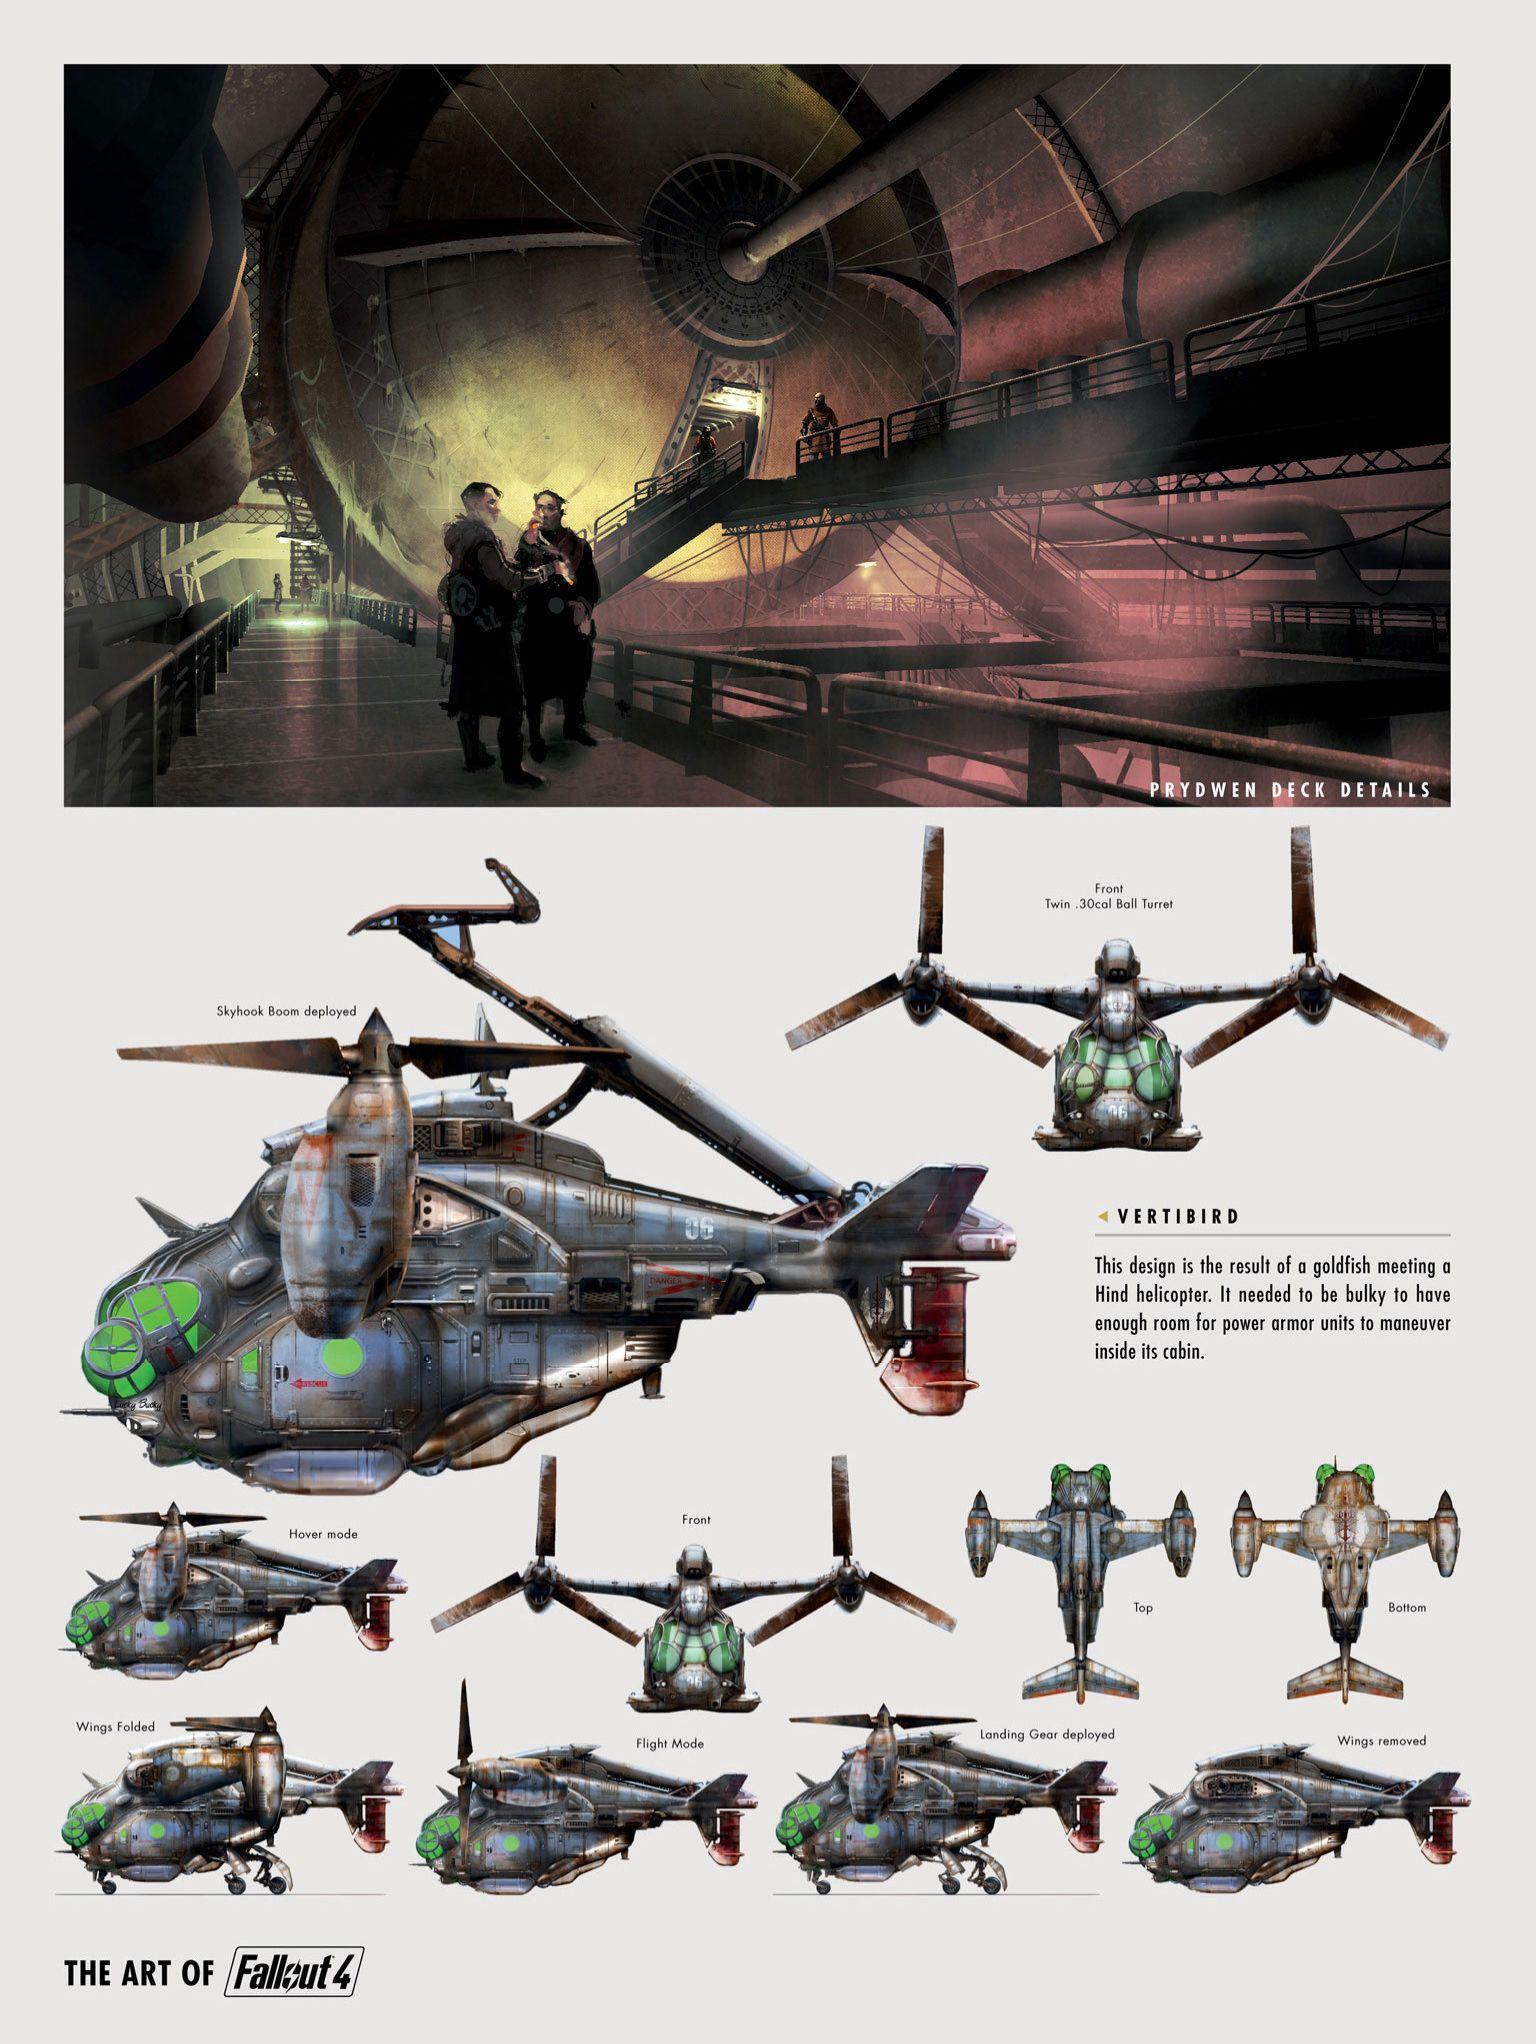 Fallout 4 | Concept Prydwen Deck Details & Vertibird